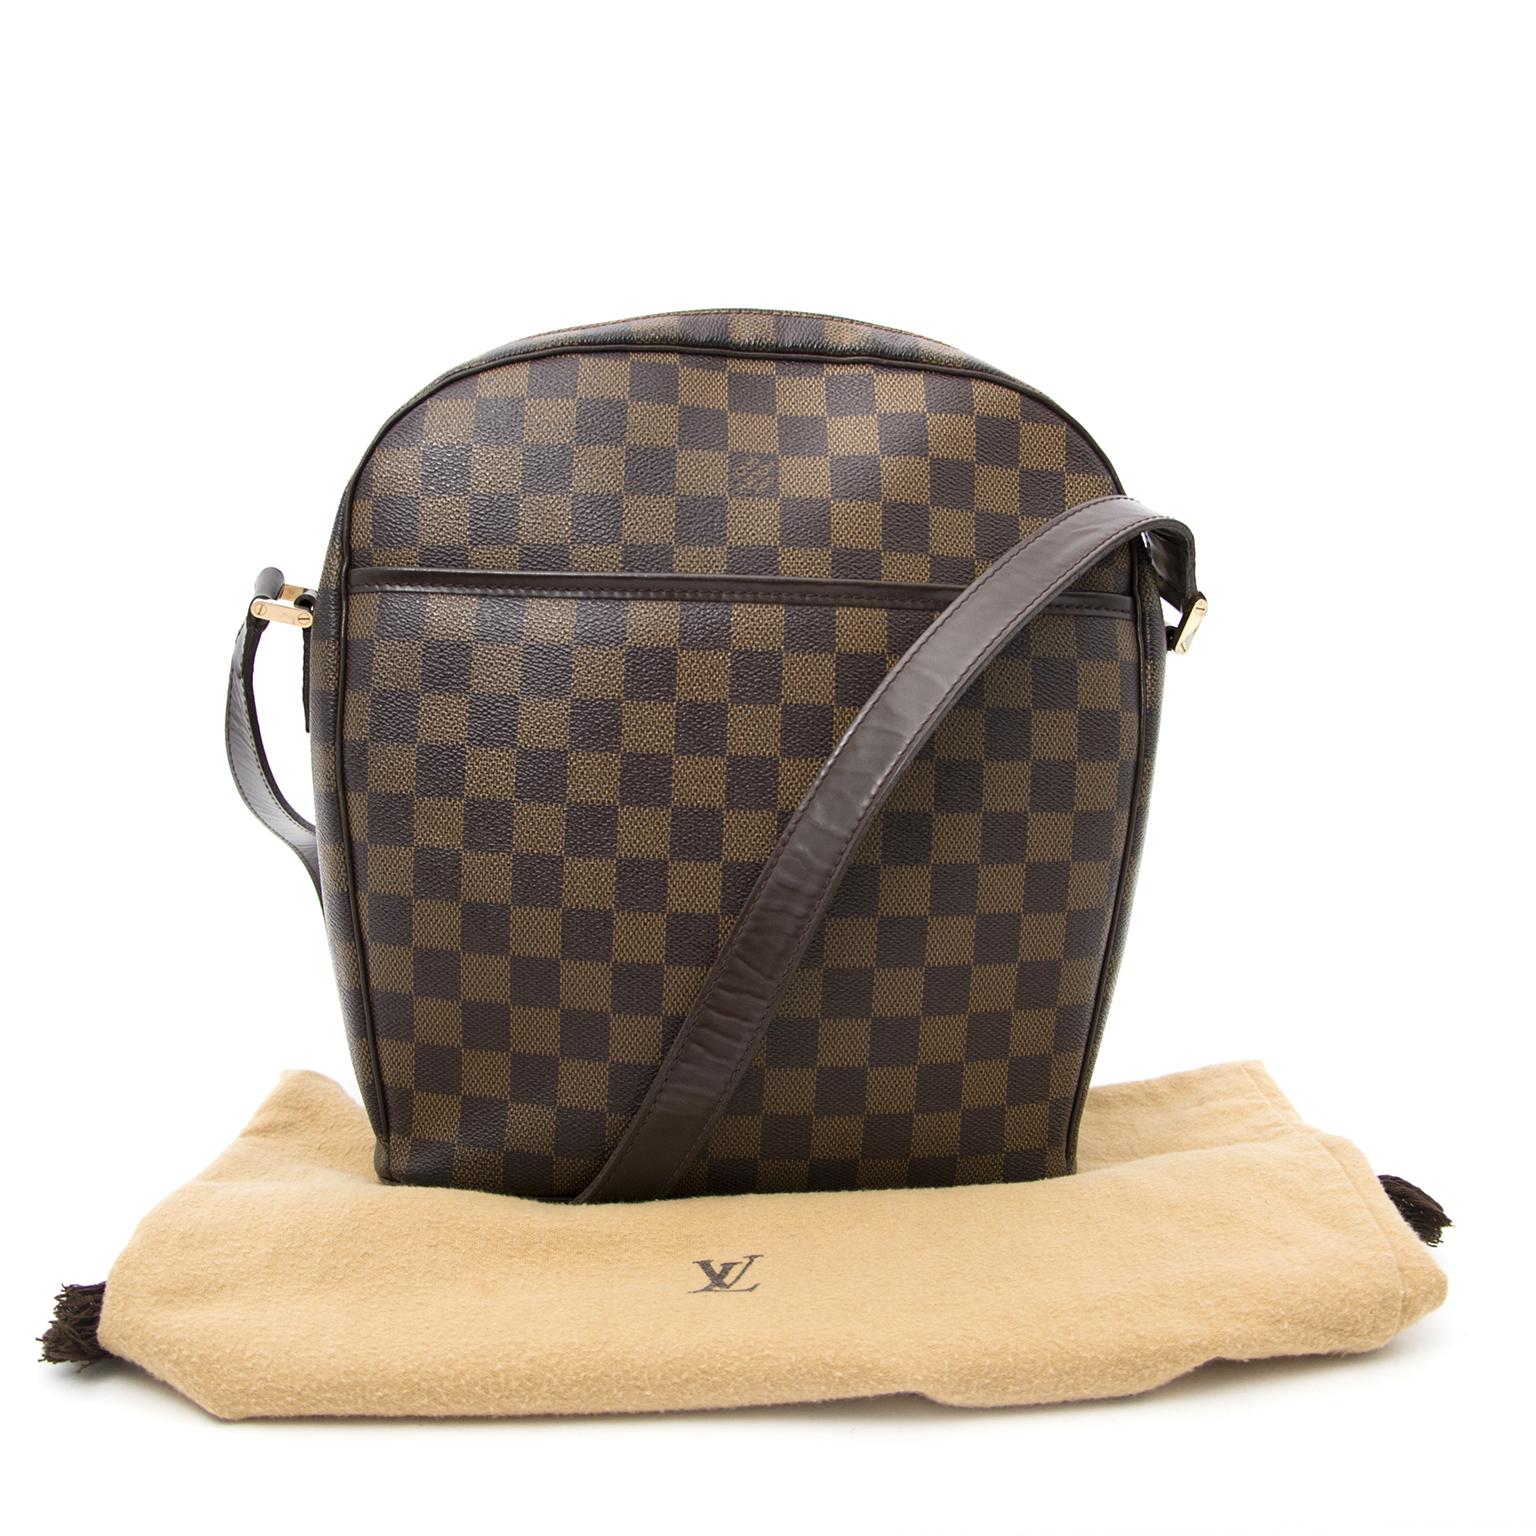 Louis Vuitton Ipanema Braune Ebene Damier Canvas Schulterhandtasche heute online auf labellov.com gegen den besten Preis.